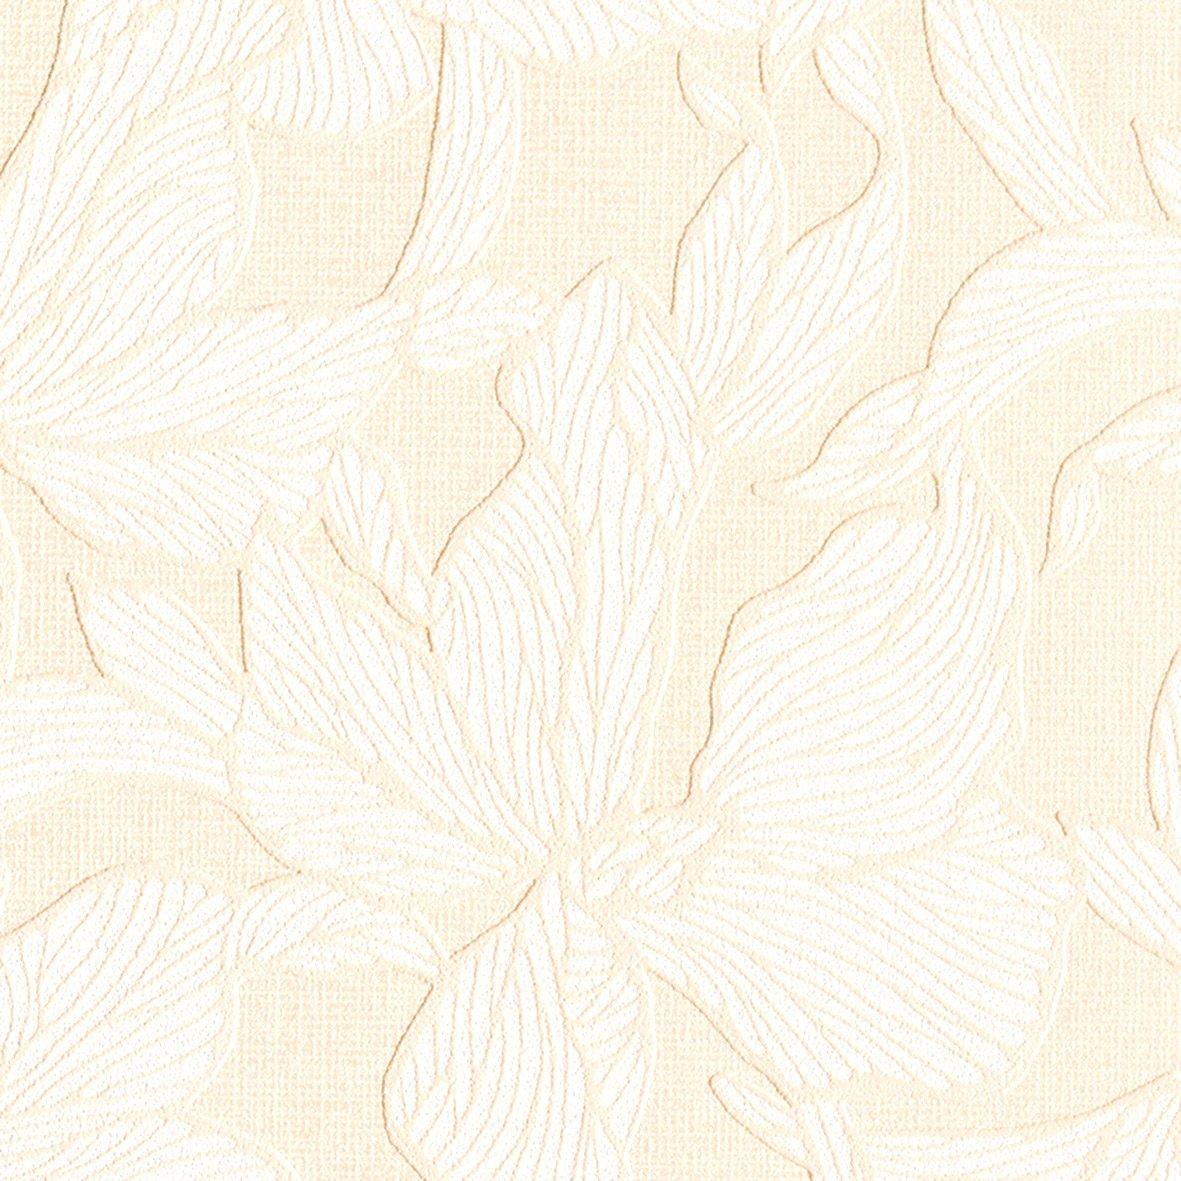 リリカラ 壁紙29m ナチュラル 花柄 ベージュ 水廻り LV-6233 B01IHPDQUK 29m|ベージュ